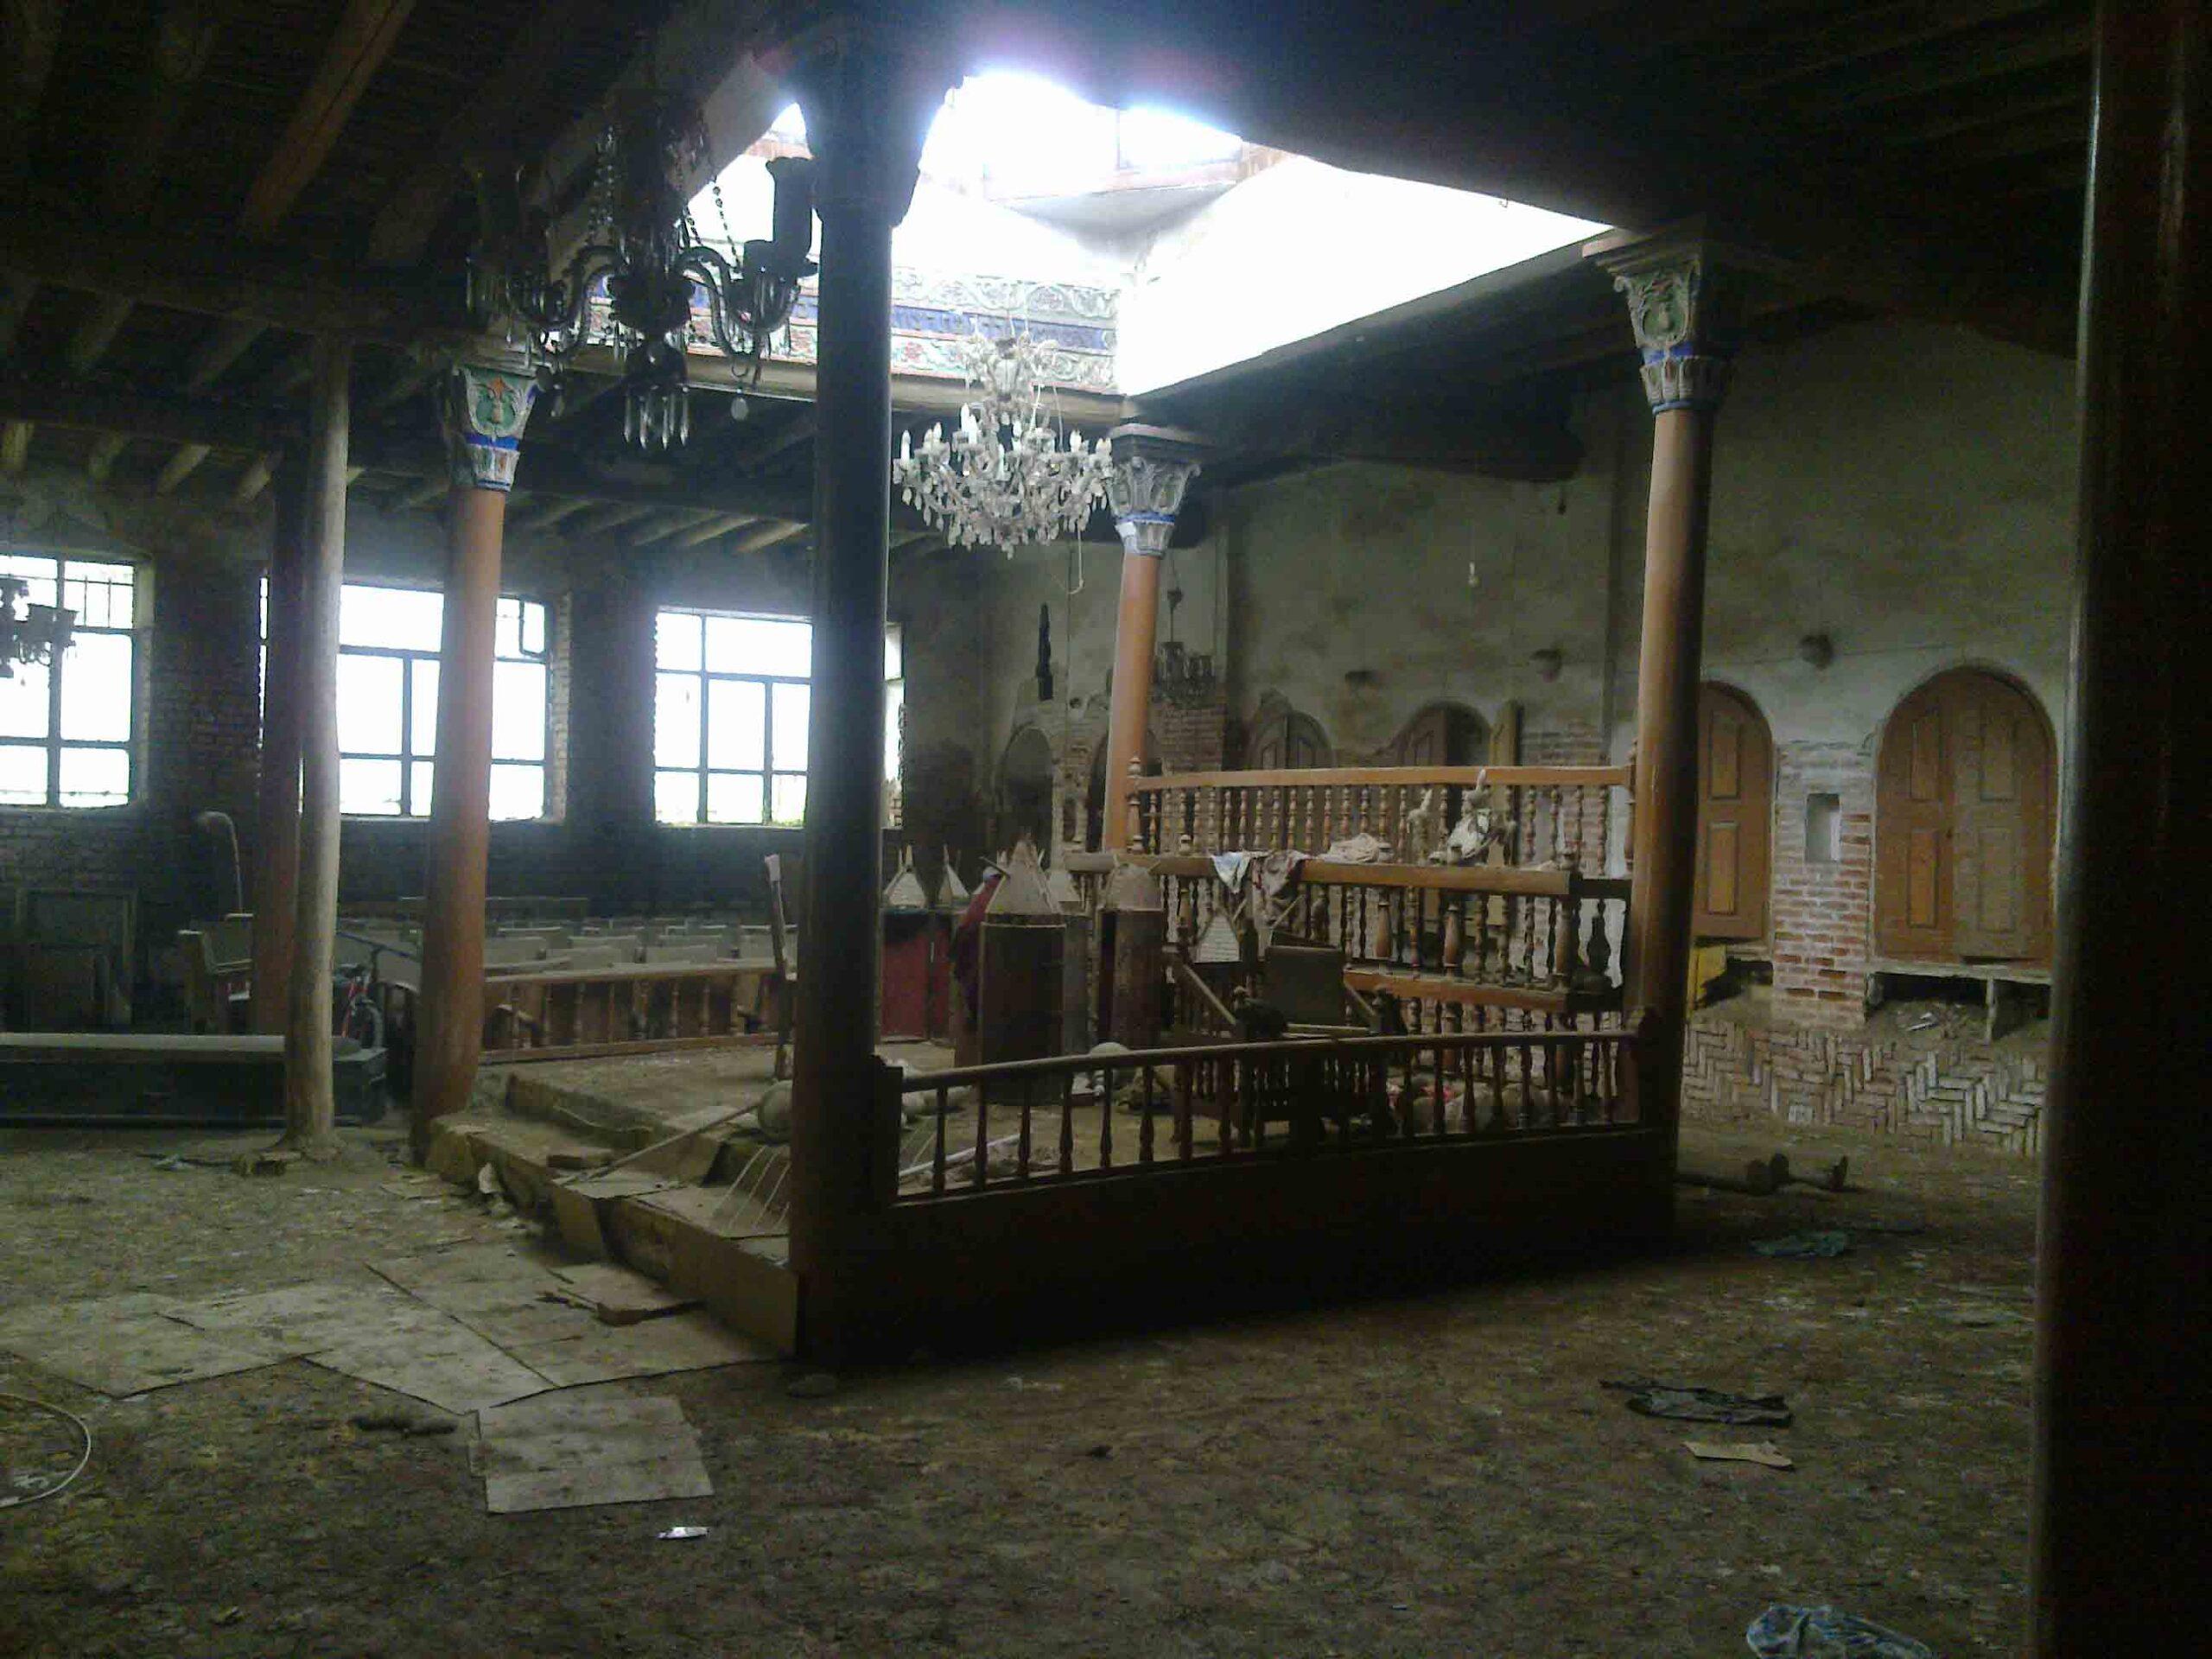 Alagutat ástak, hogy zsinagógából lopjanak Iránban